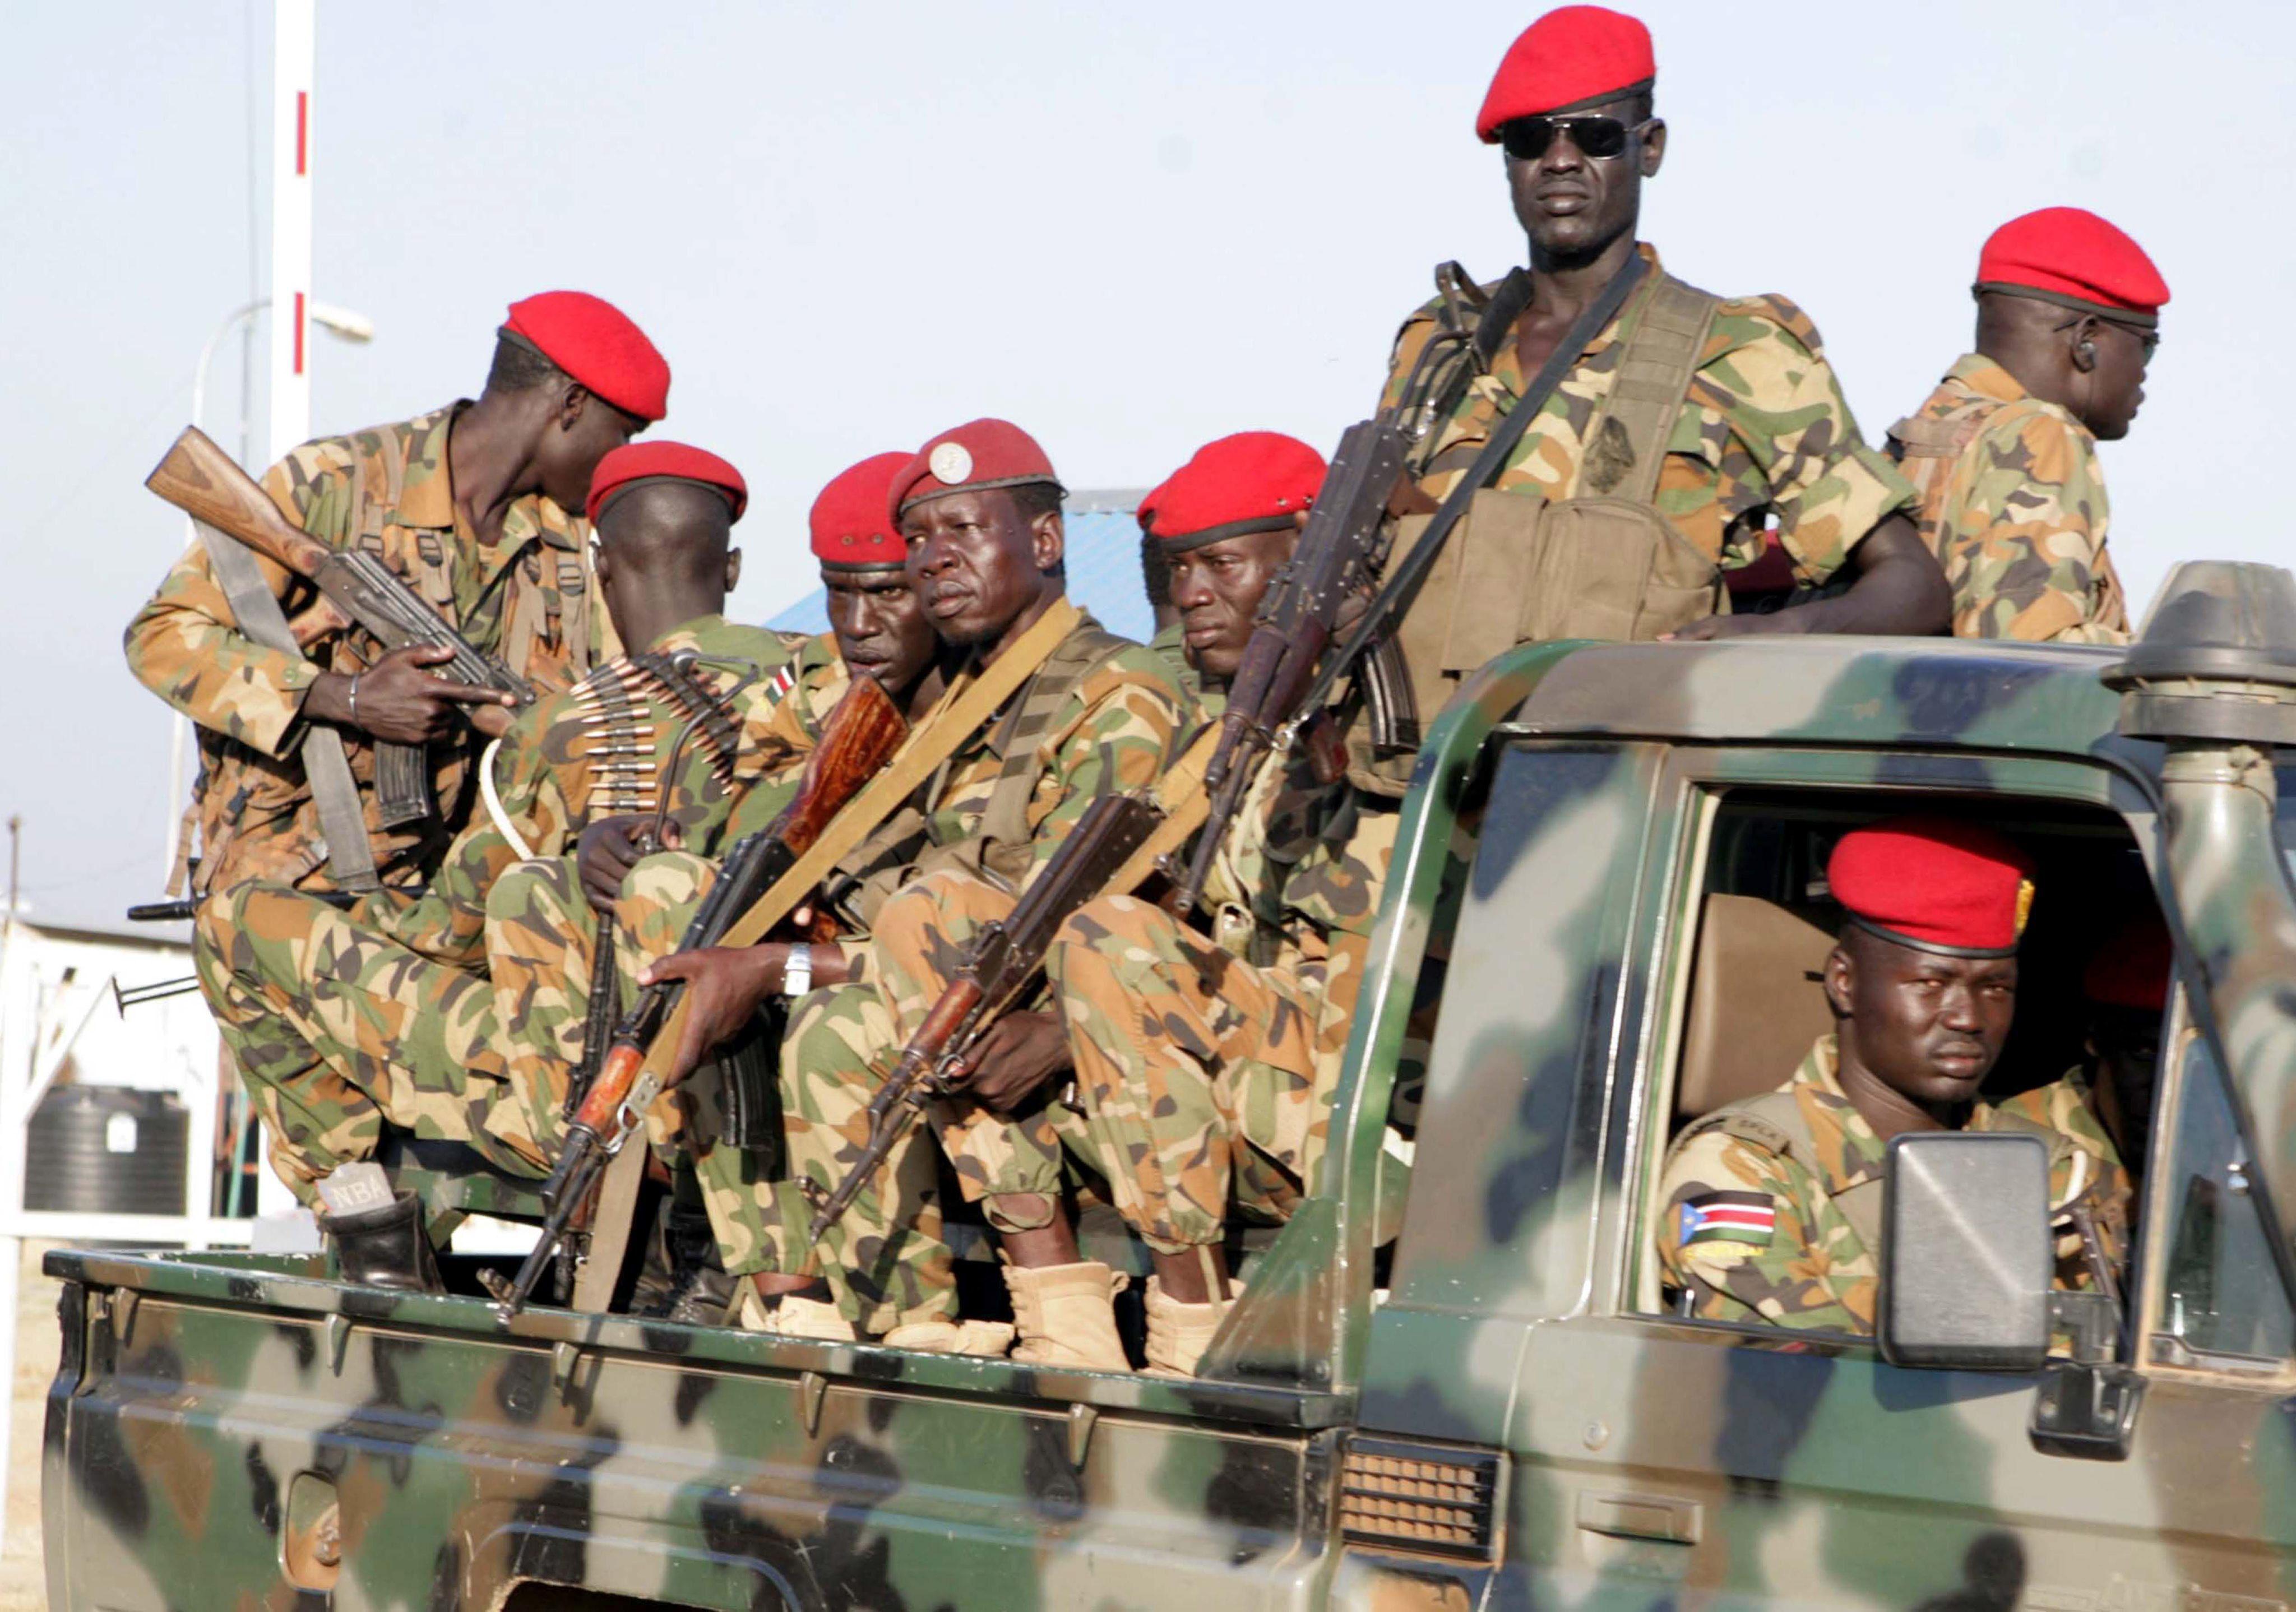 En Sudán del Sur es más fácil encontrar armas que comida